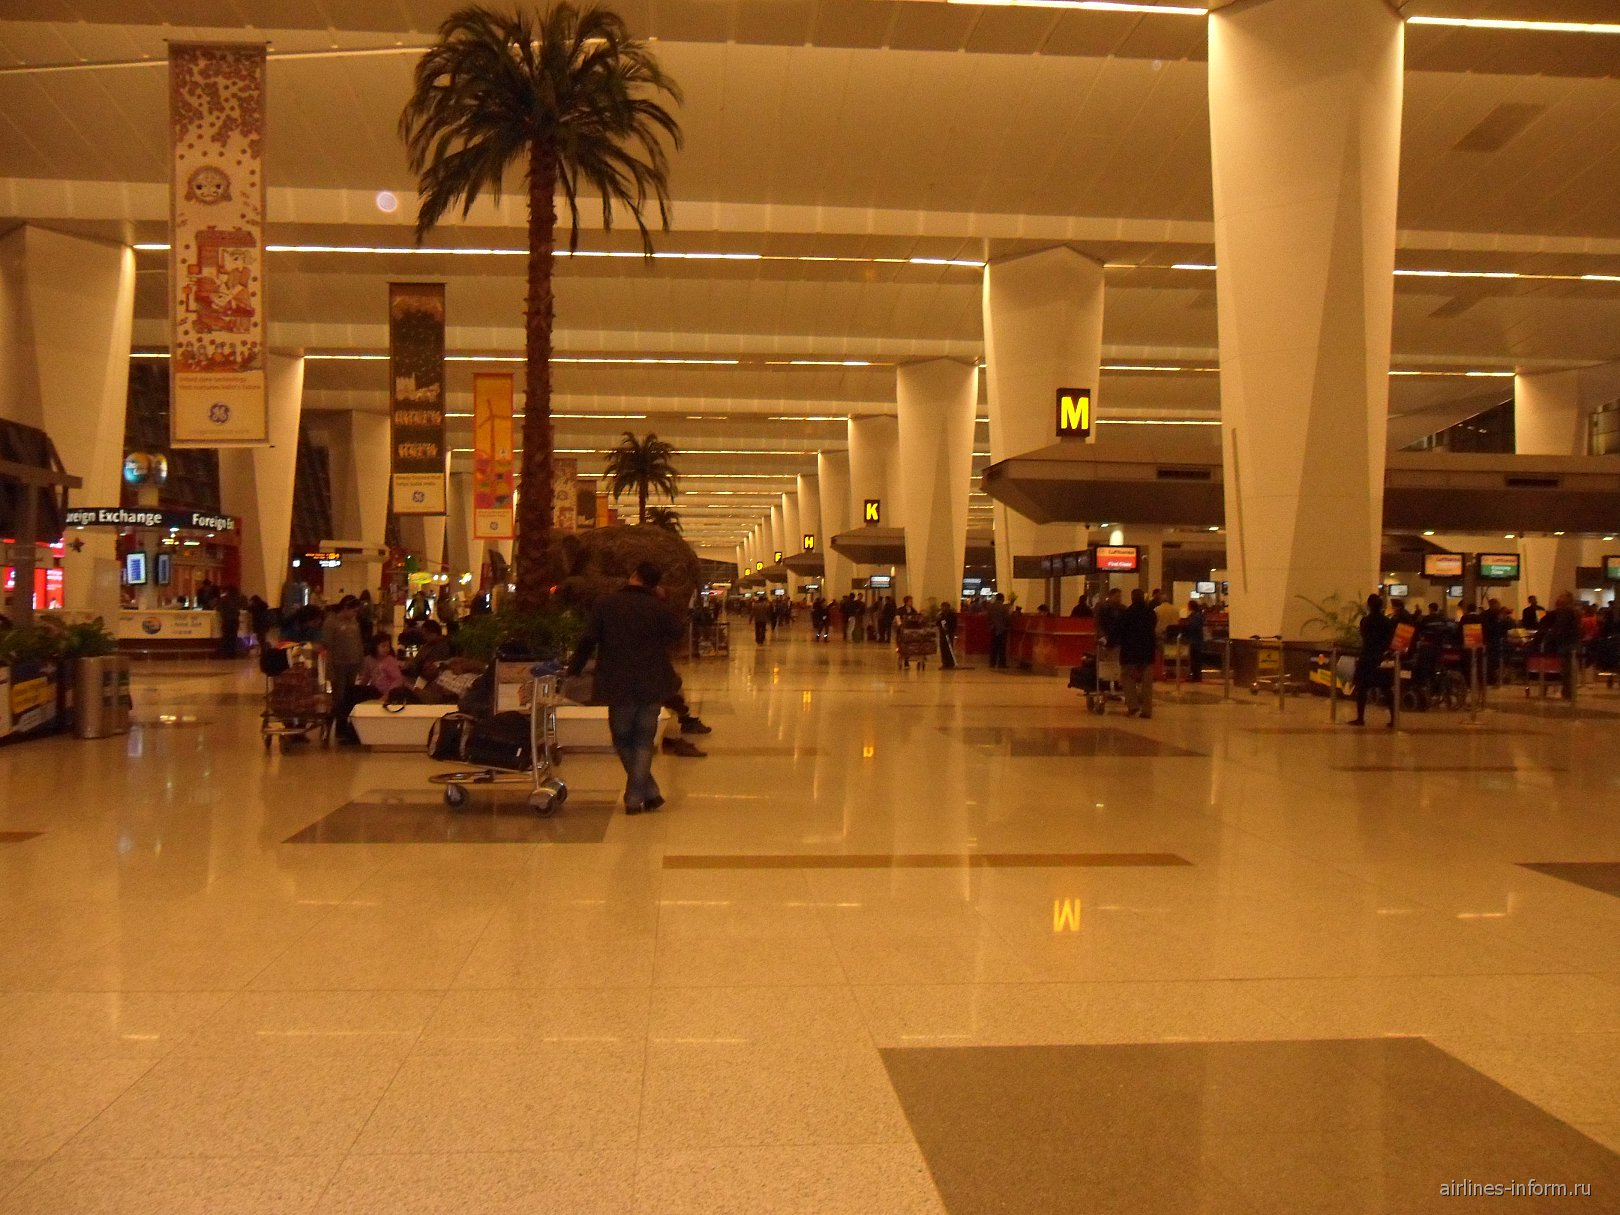 Стойки регистрации в аэропорту Дели имени Индиры Ганди